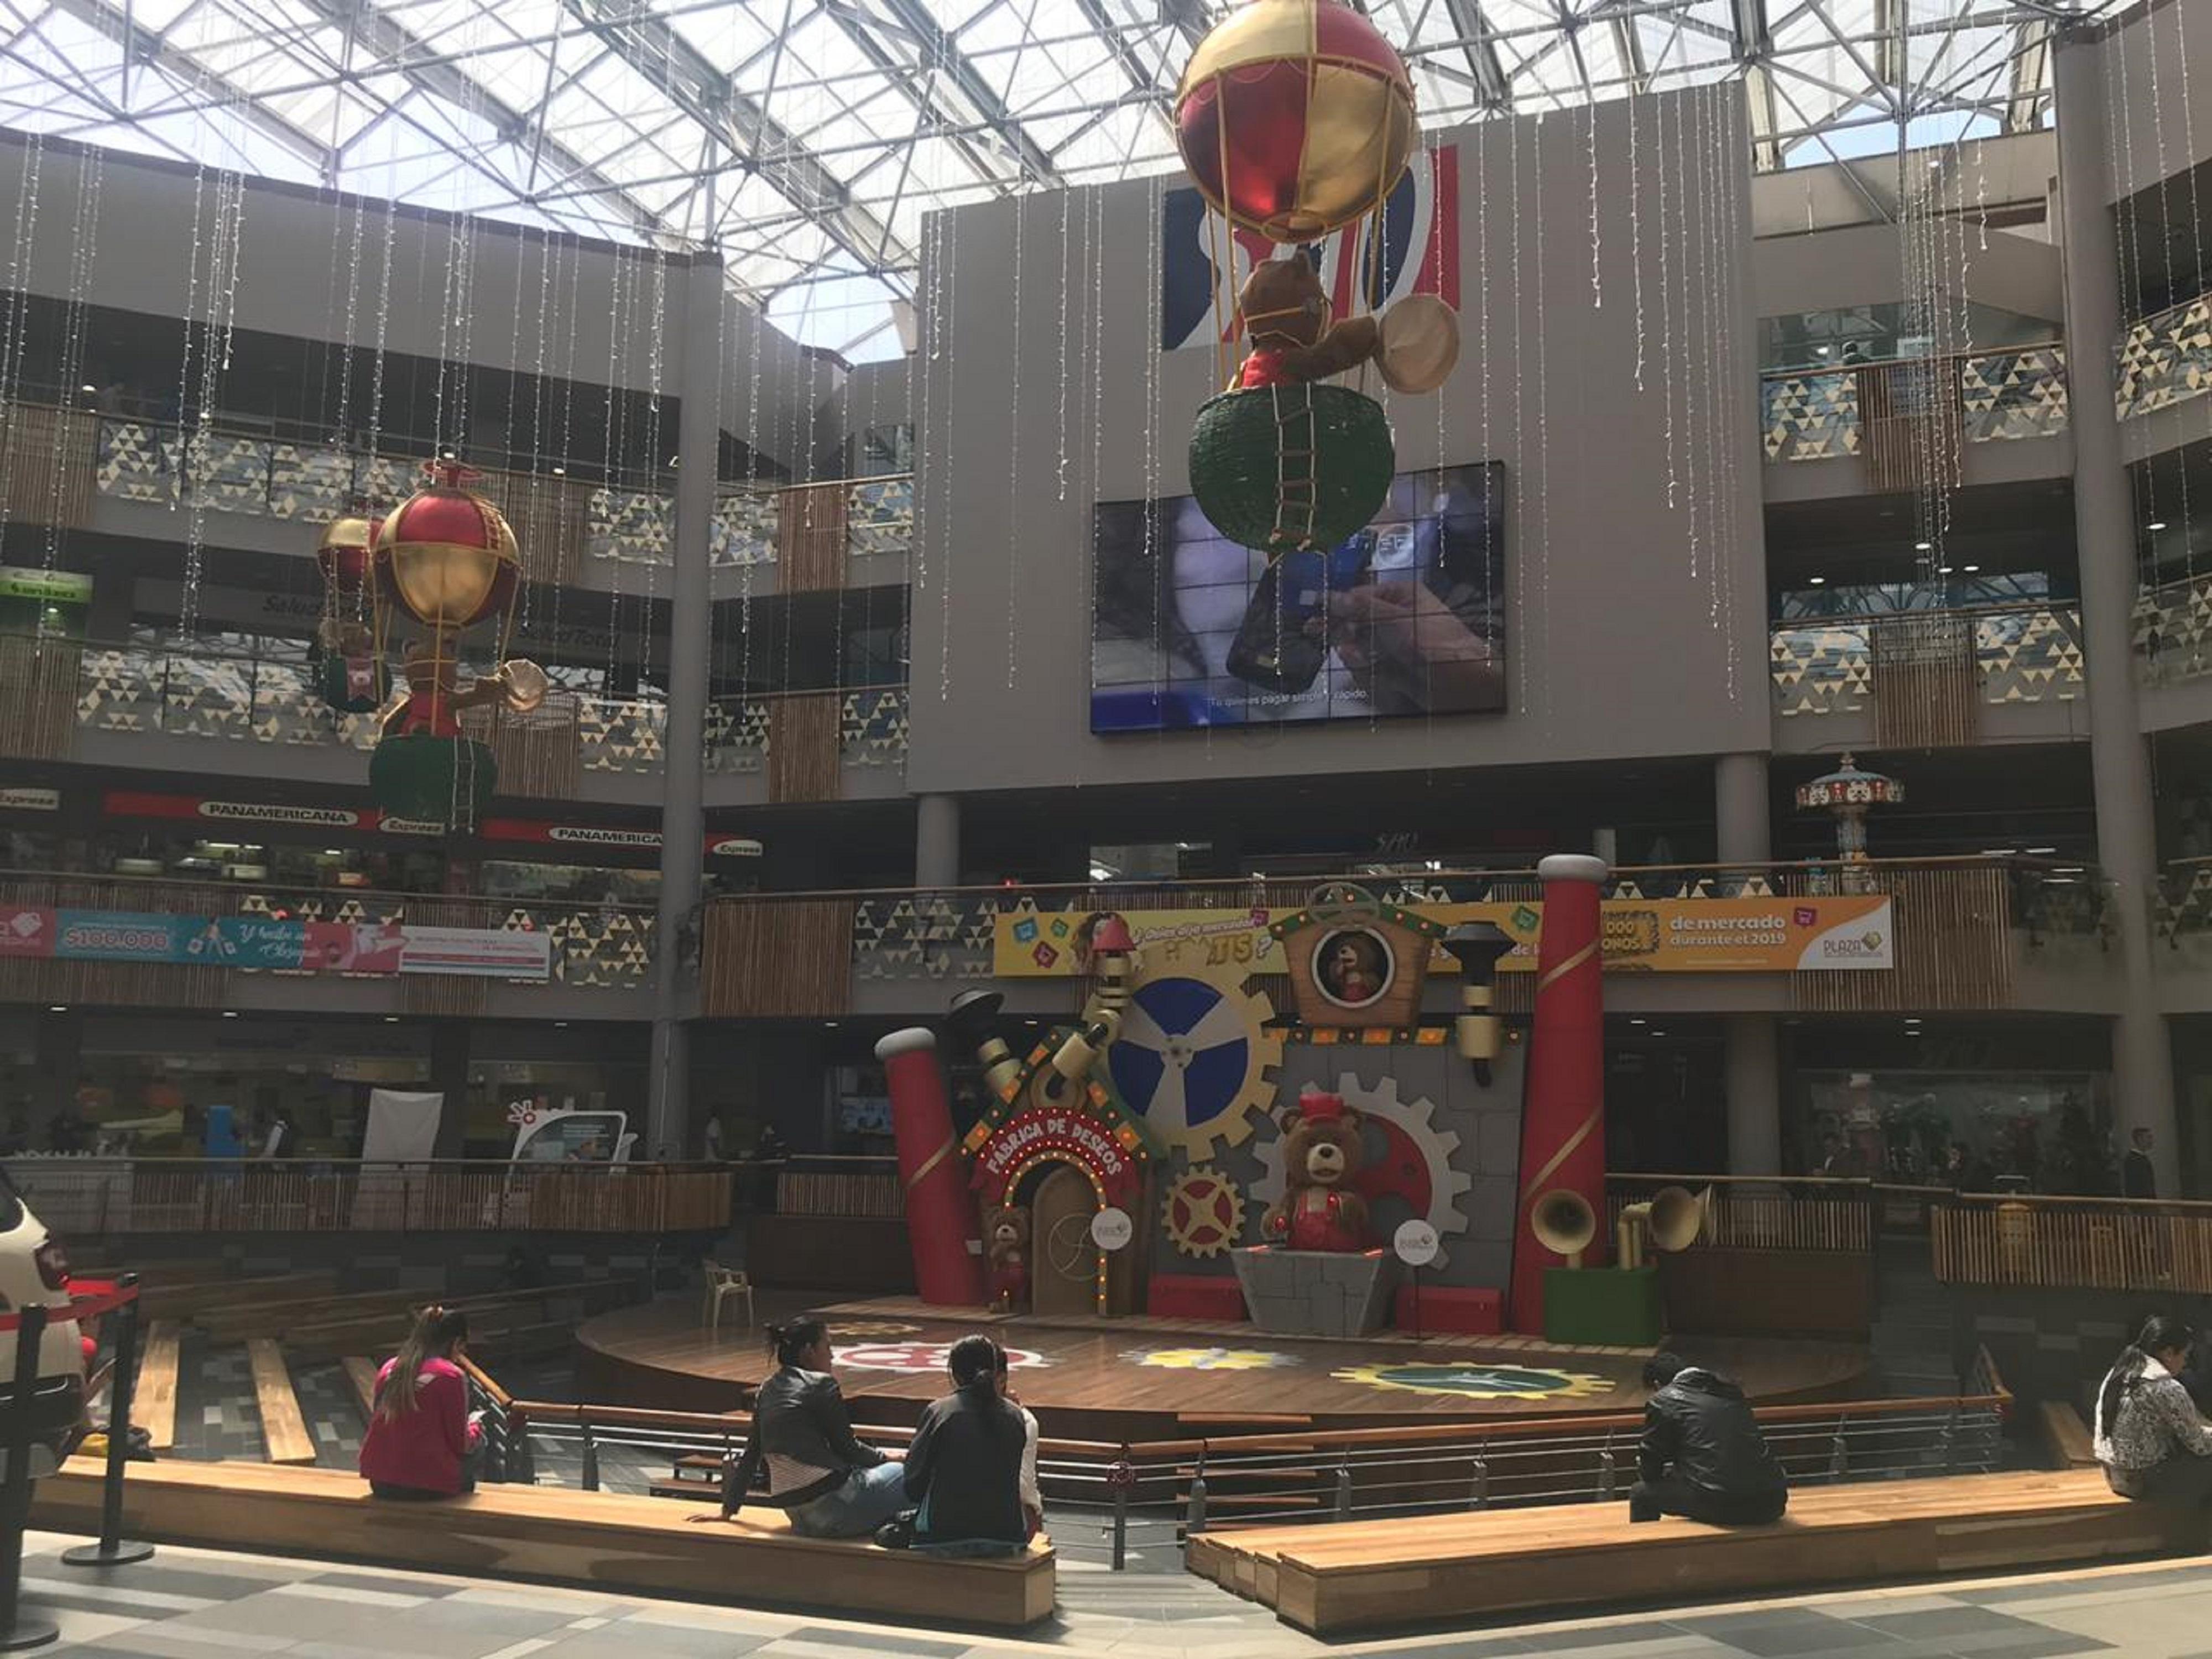 Viva la época más bonita del año en Plaza de las Américas